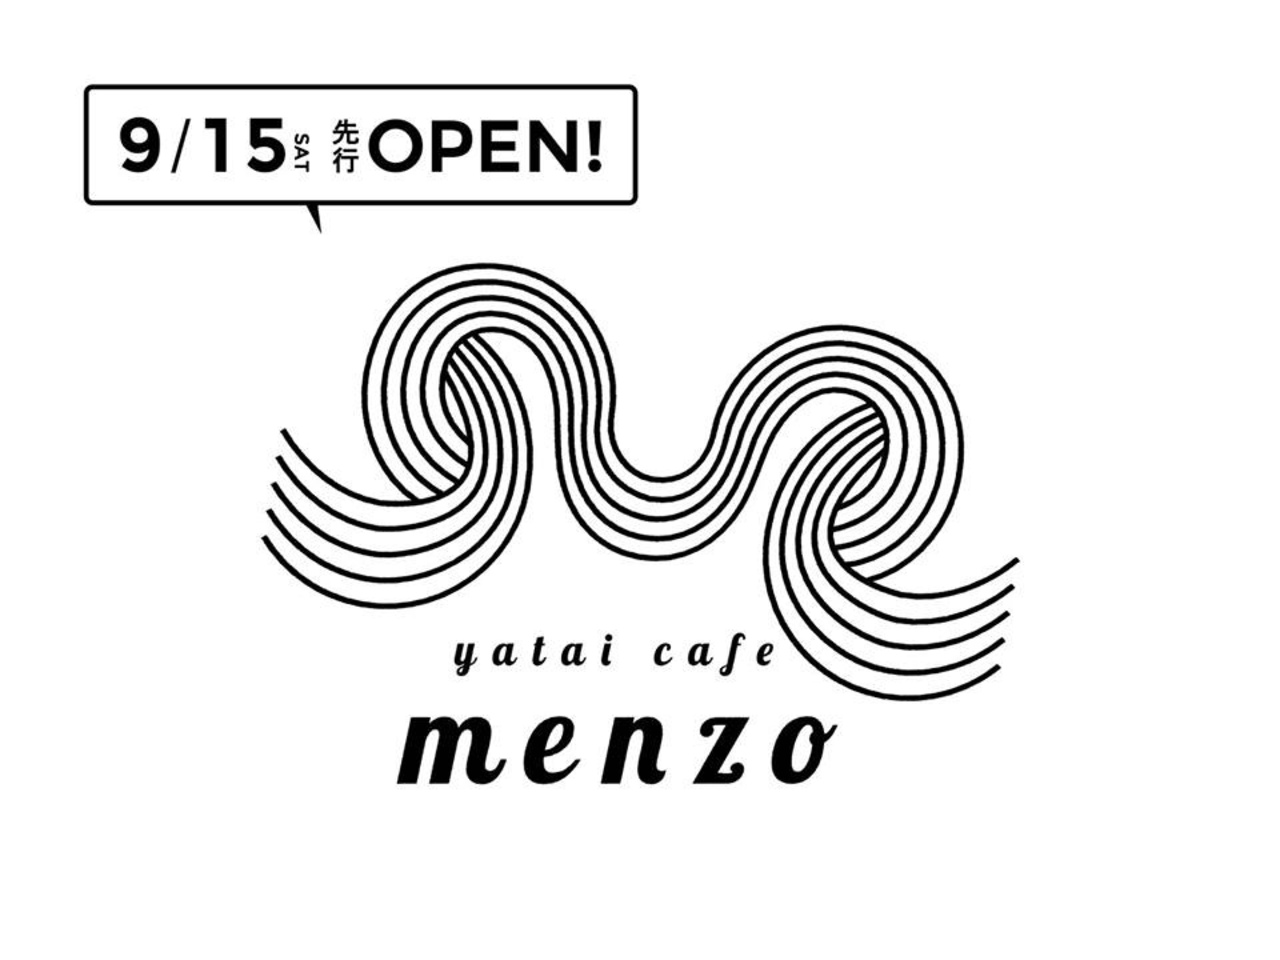 屋台のような空間...えぶろじにヘルシーラーメン屋台カフェ「メンゾー」本日先行プレオープン